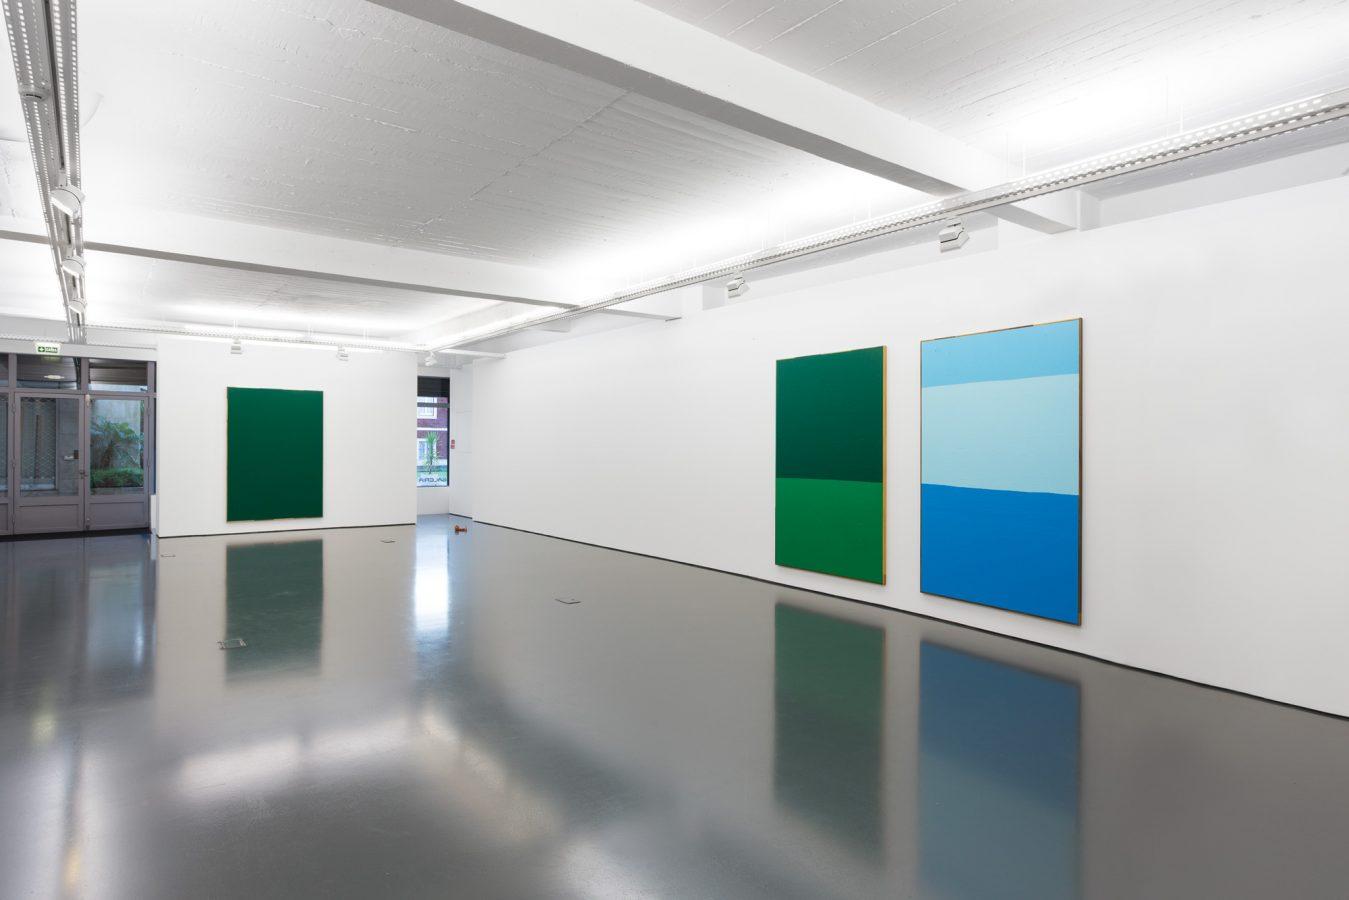 Galeria Pedro Cera – Antonio Ballester Moreno - Azul e Amarelo